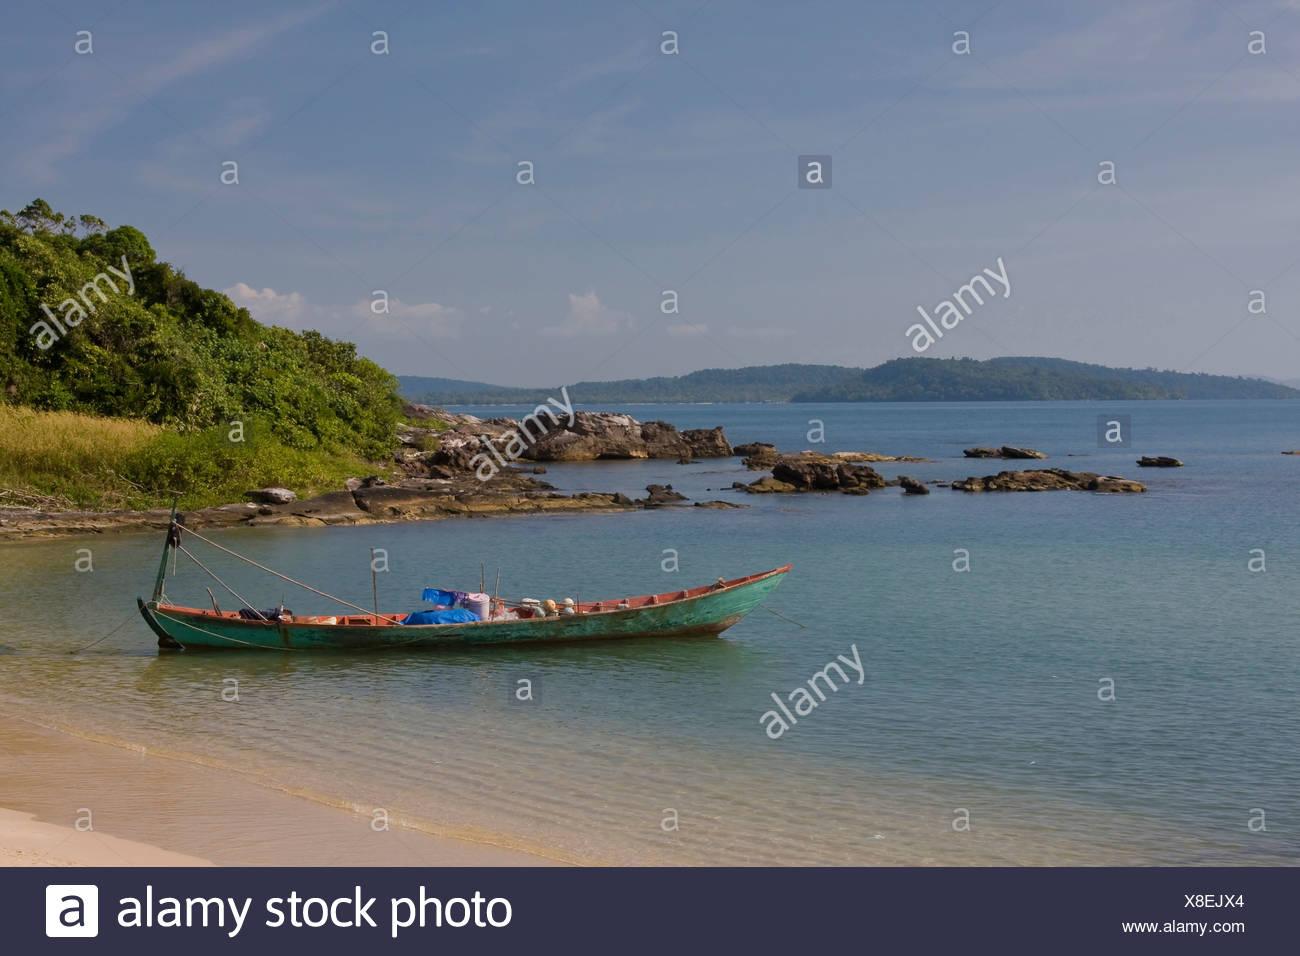 Asia, boat, fishing boat, island, isle, coast, coasts, sea, seas, seashore, seashores, nobody, Phu, Quoc, South-East Asia, South - Stock Image